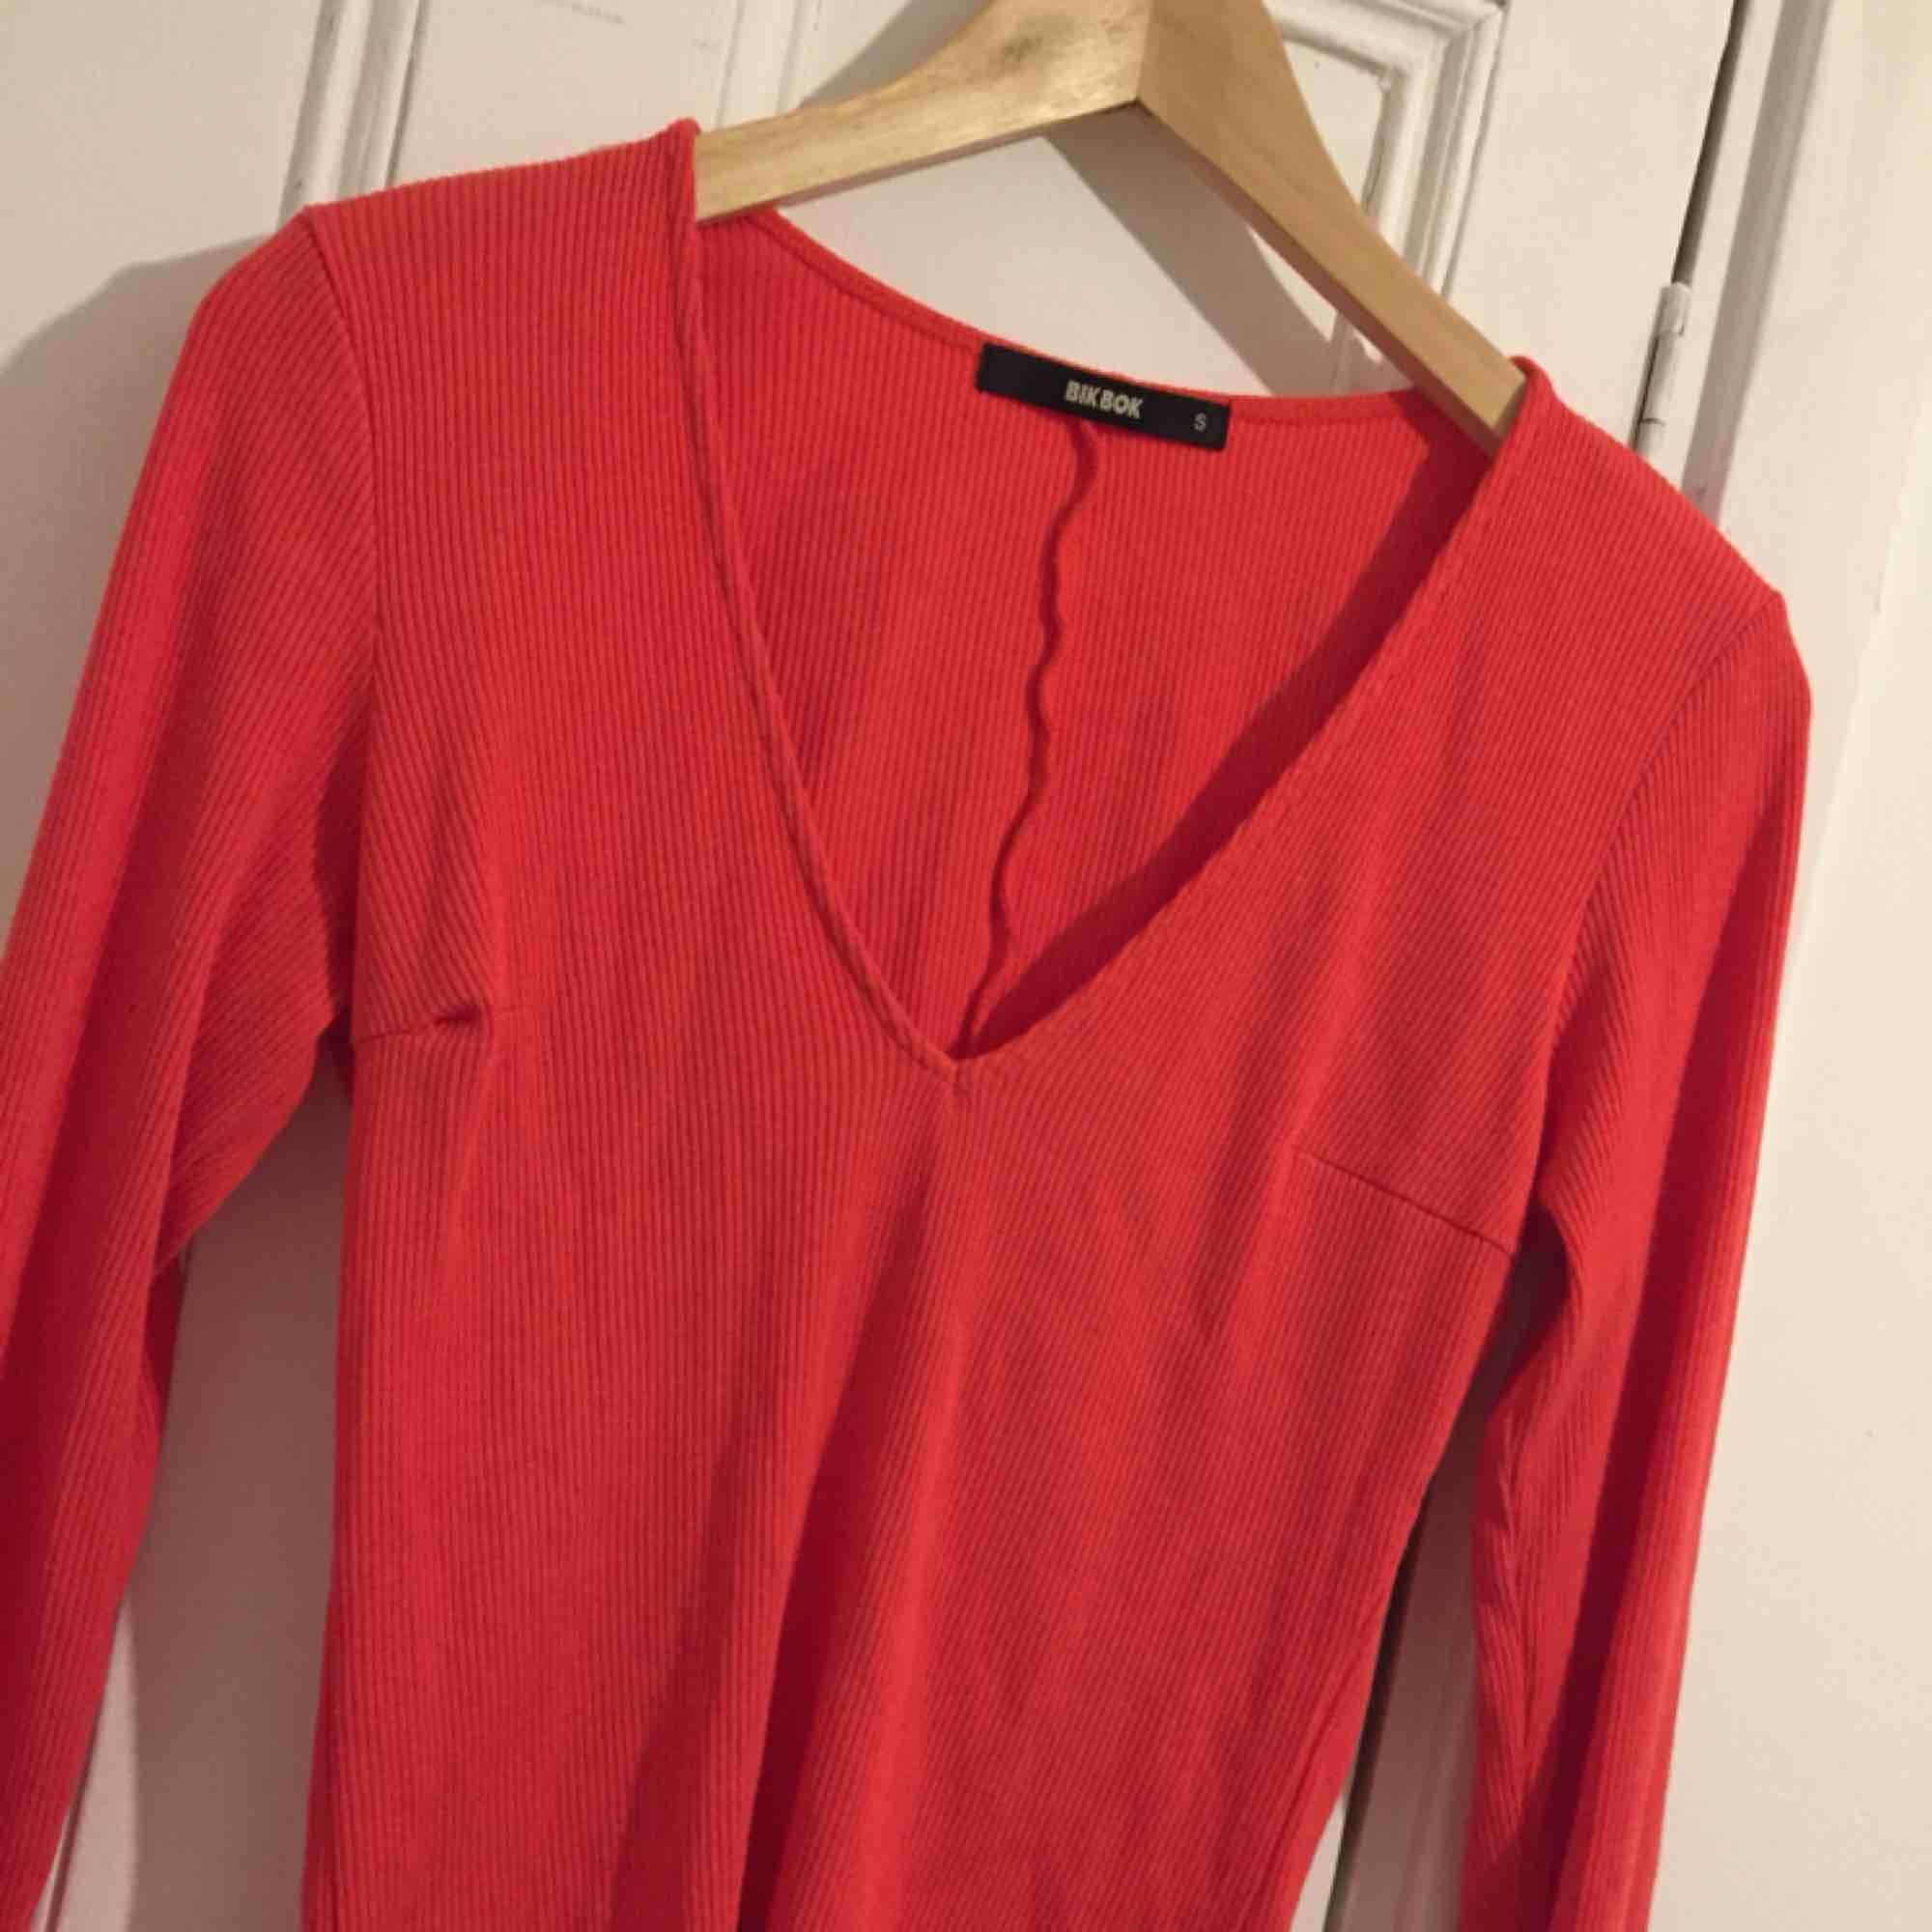 Röd tröja/ topp som är knappast använd å bra skick. Toppar.